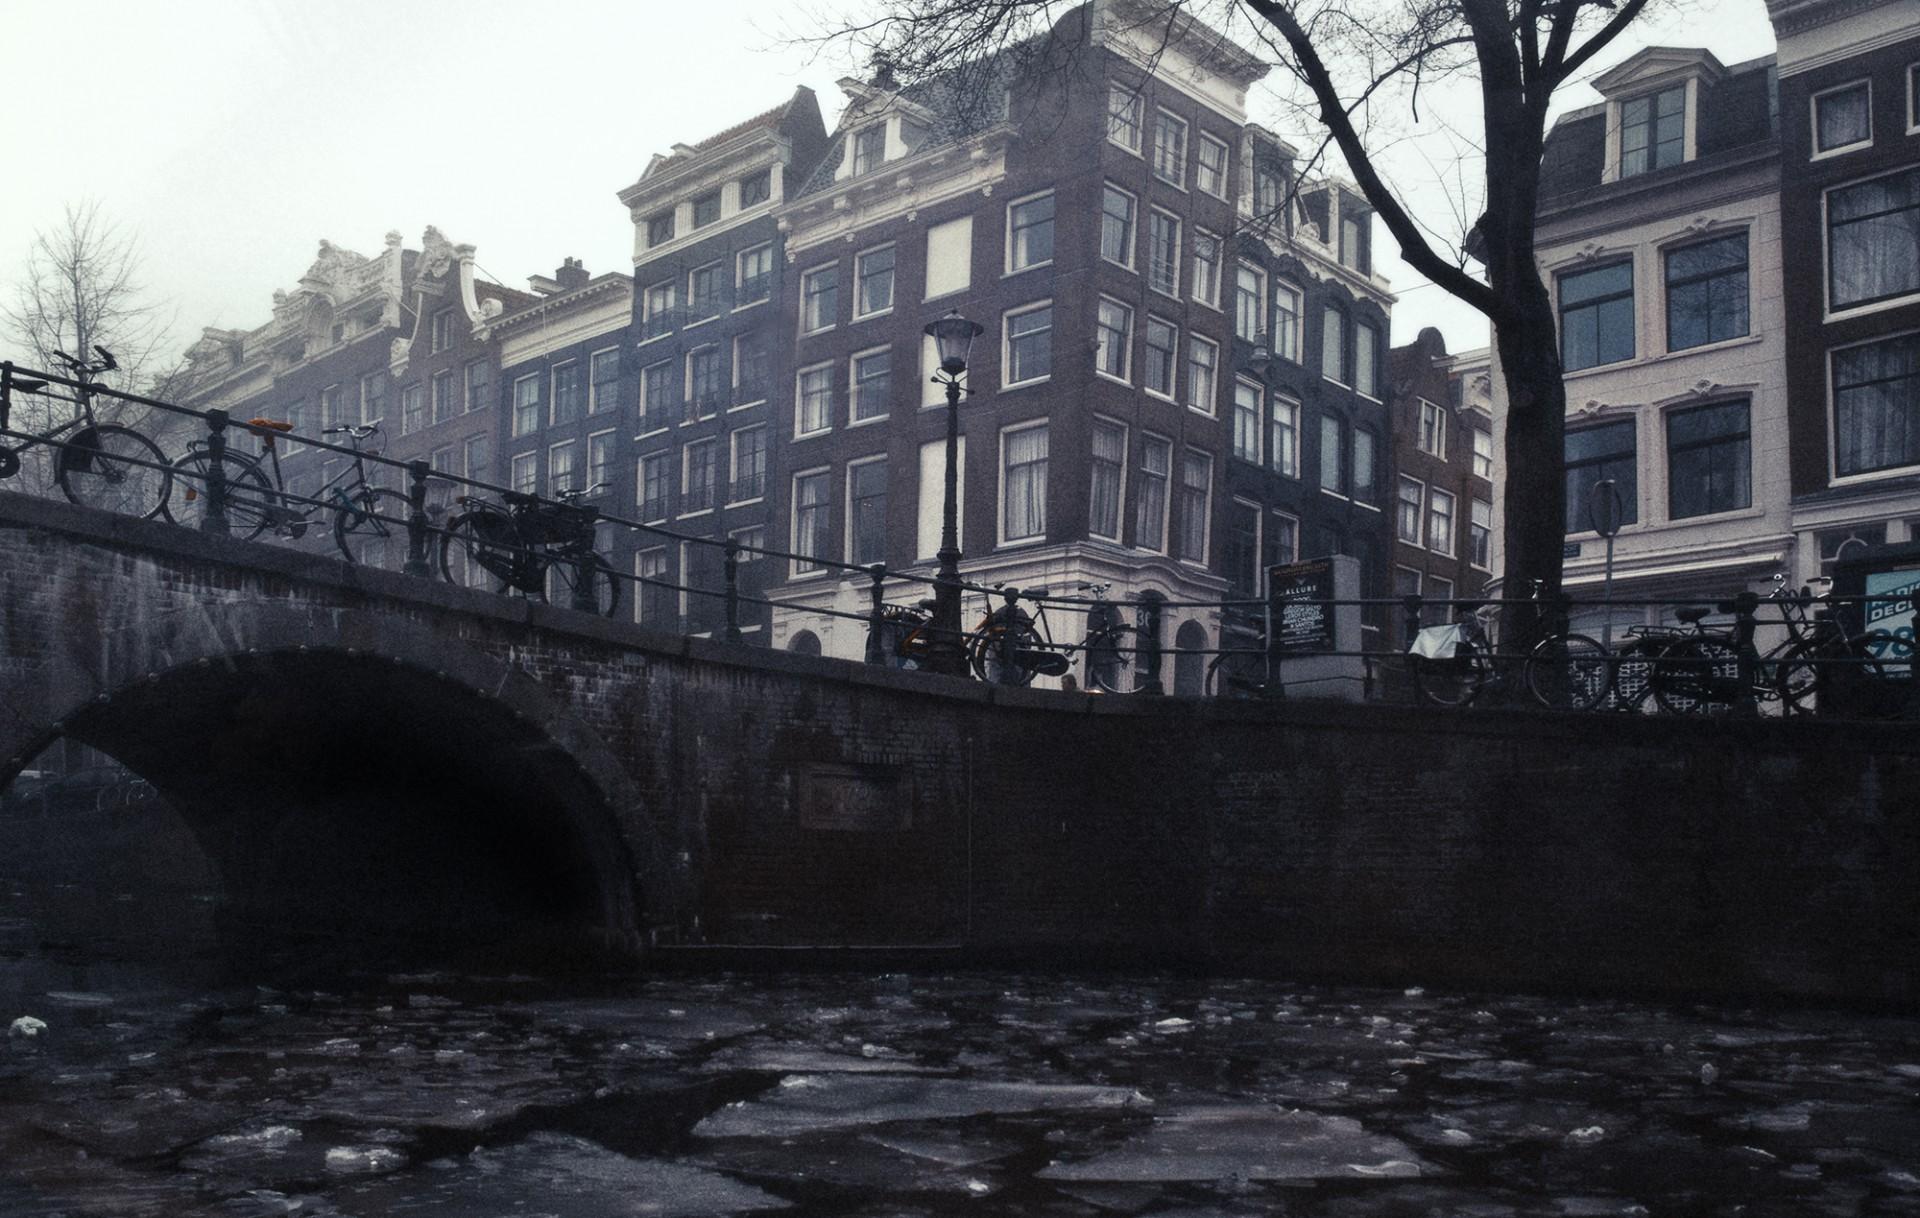 07 Amsterdam - Ghiacciopontebici